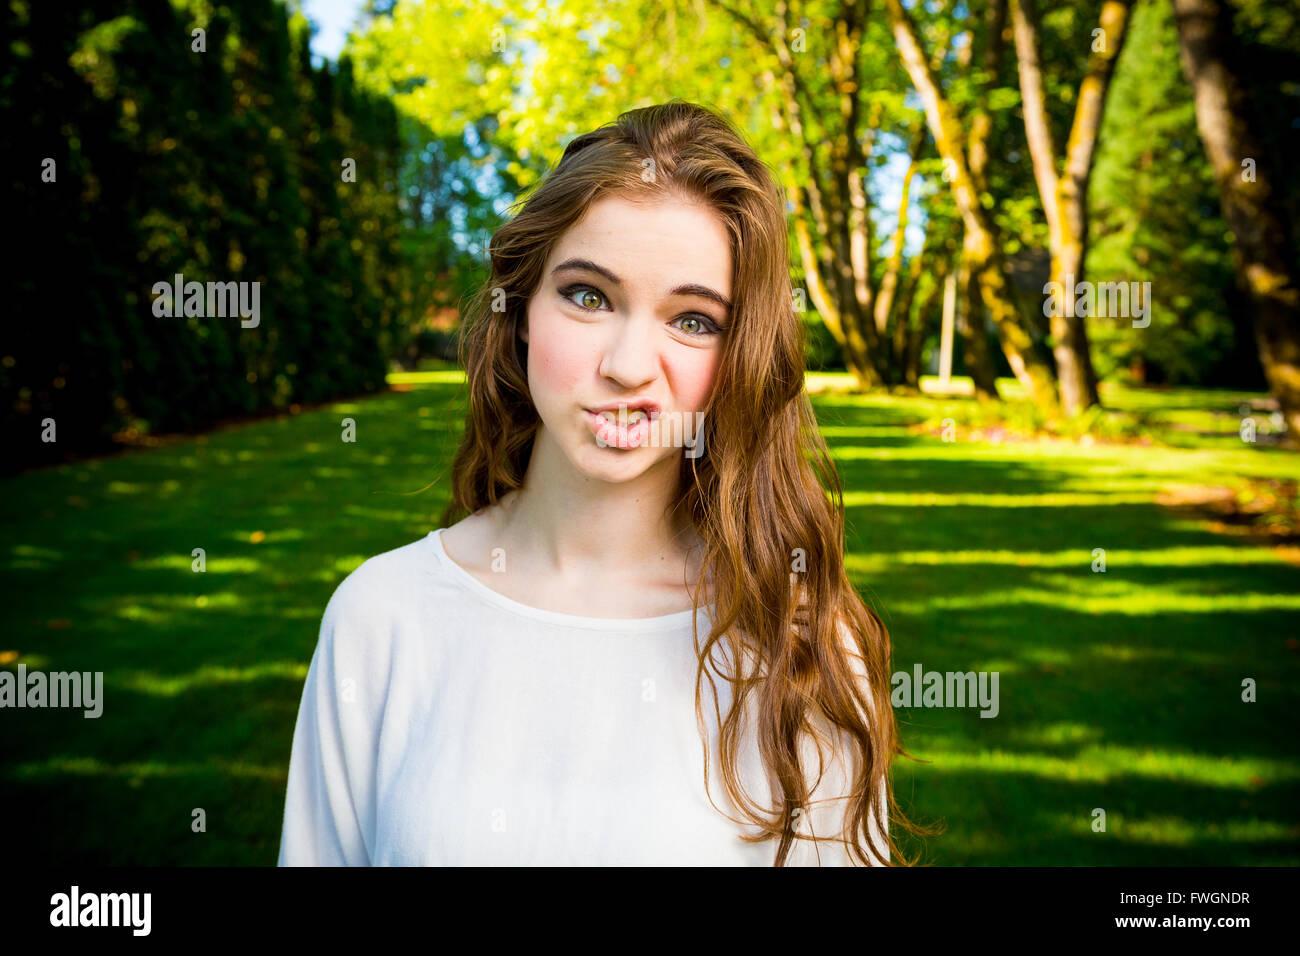 Una giovane e bella ragazza in posa per una moda stile ritratto all'aperto presso un parco con illuminazione Immagini Stock